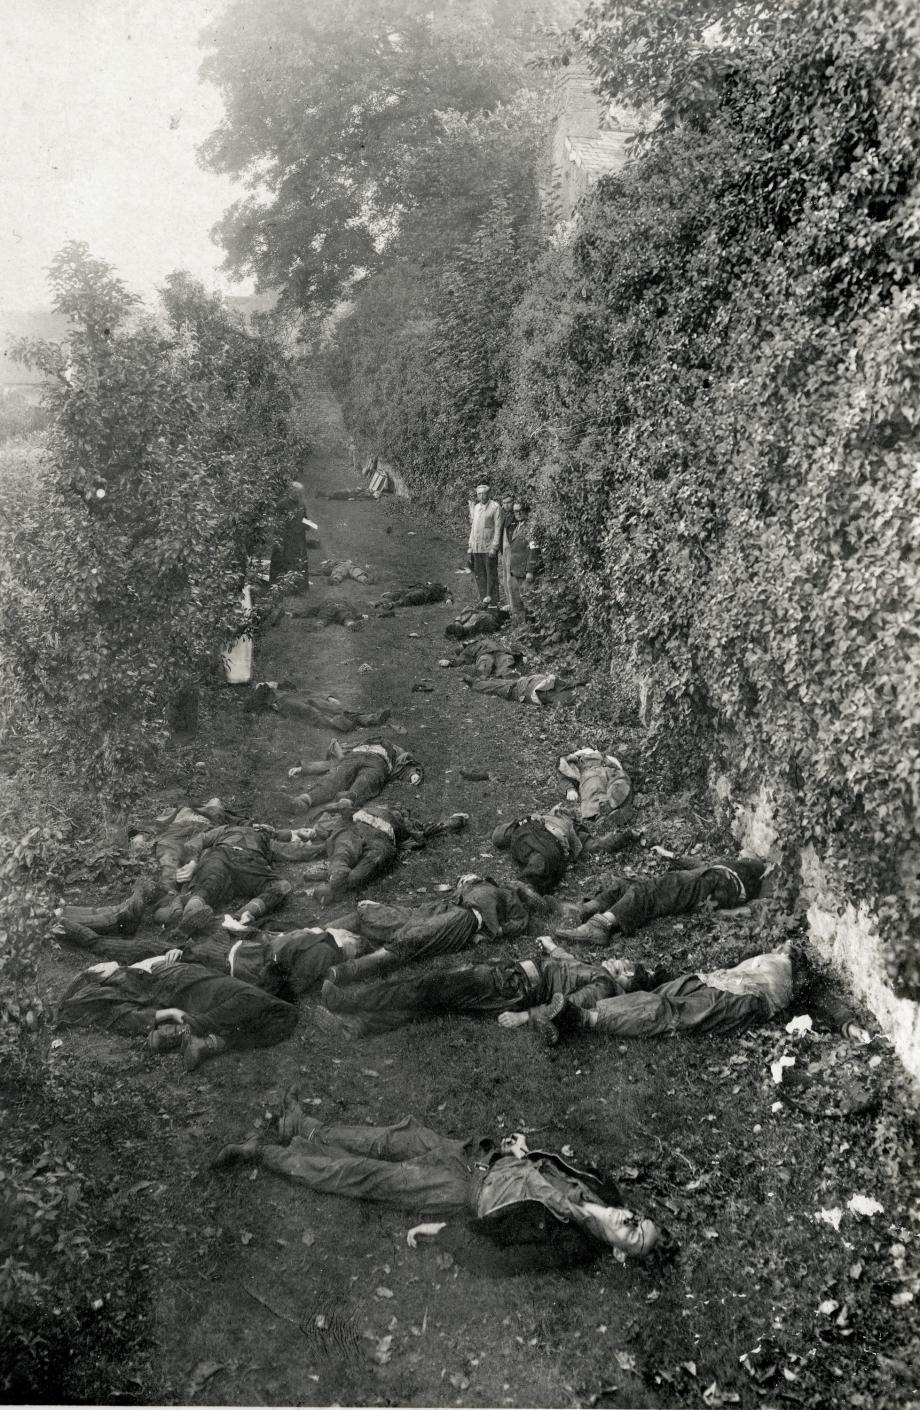 Les massacrés du 8 septembre dans les jardins du petit séminaire (maquisards de la compagnie